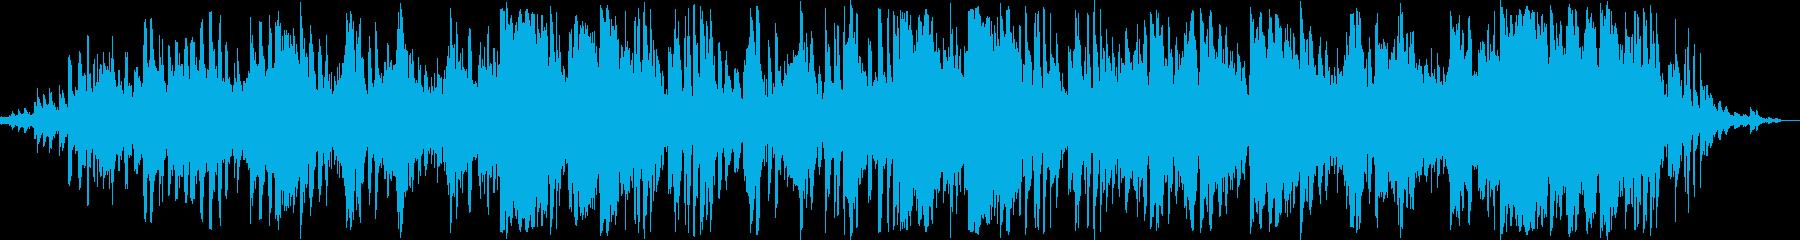 世界 勝利者 エスニック 希望的 ...の再生済みの波形